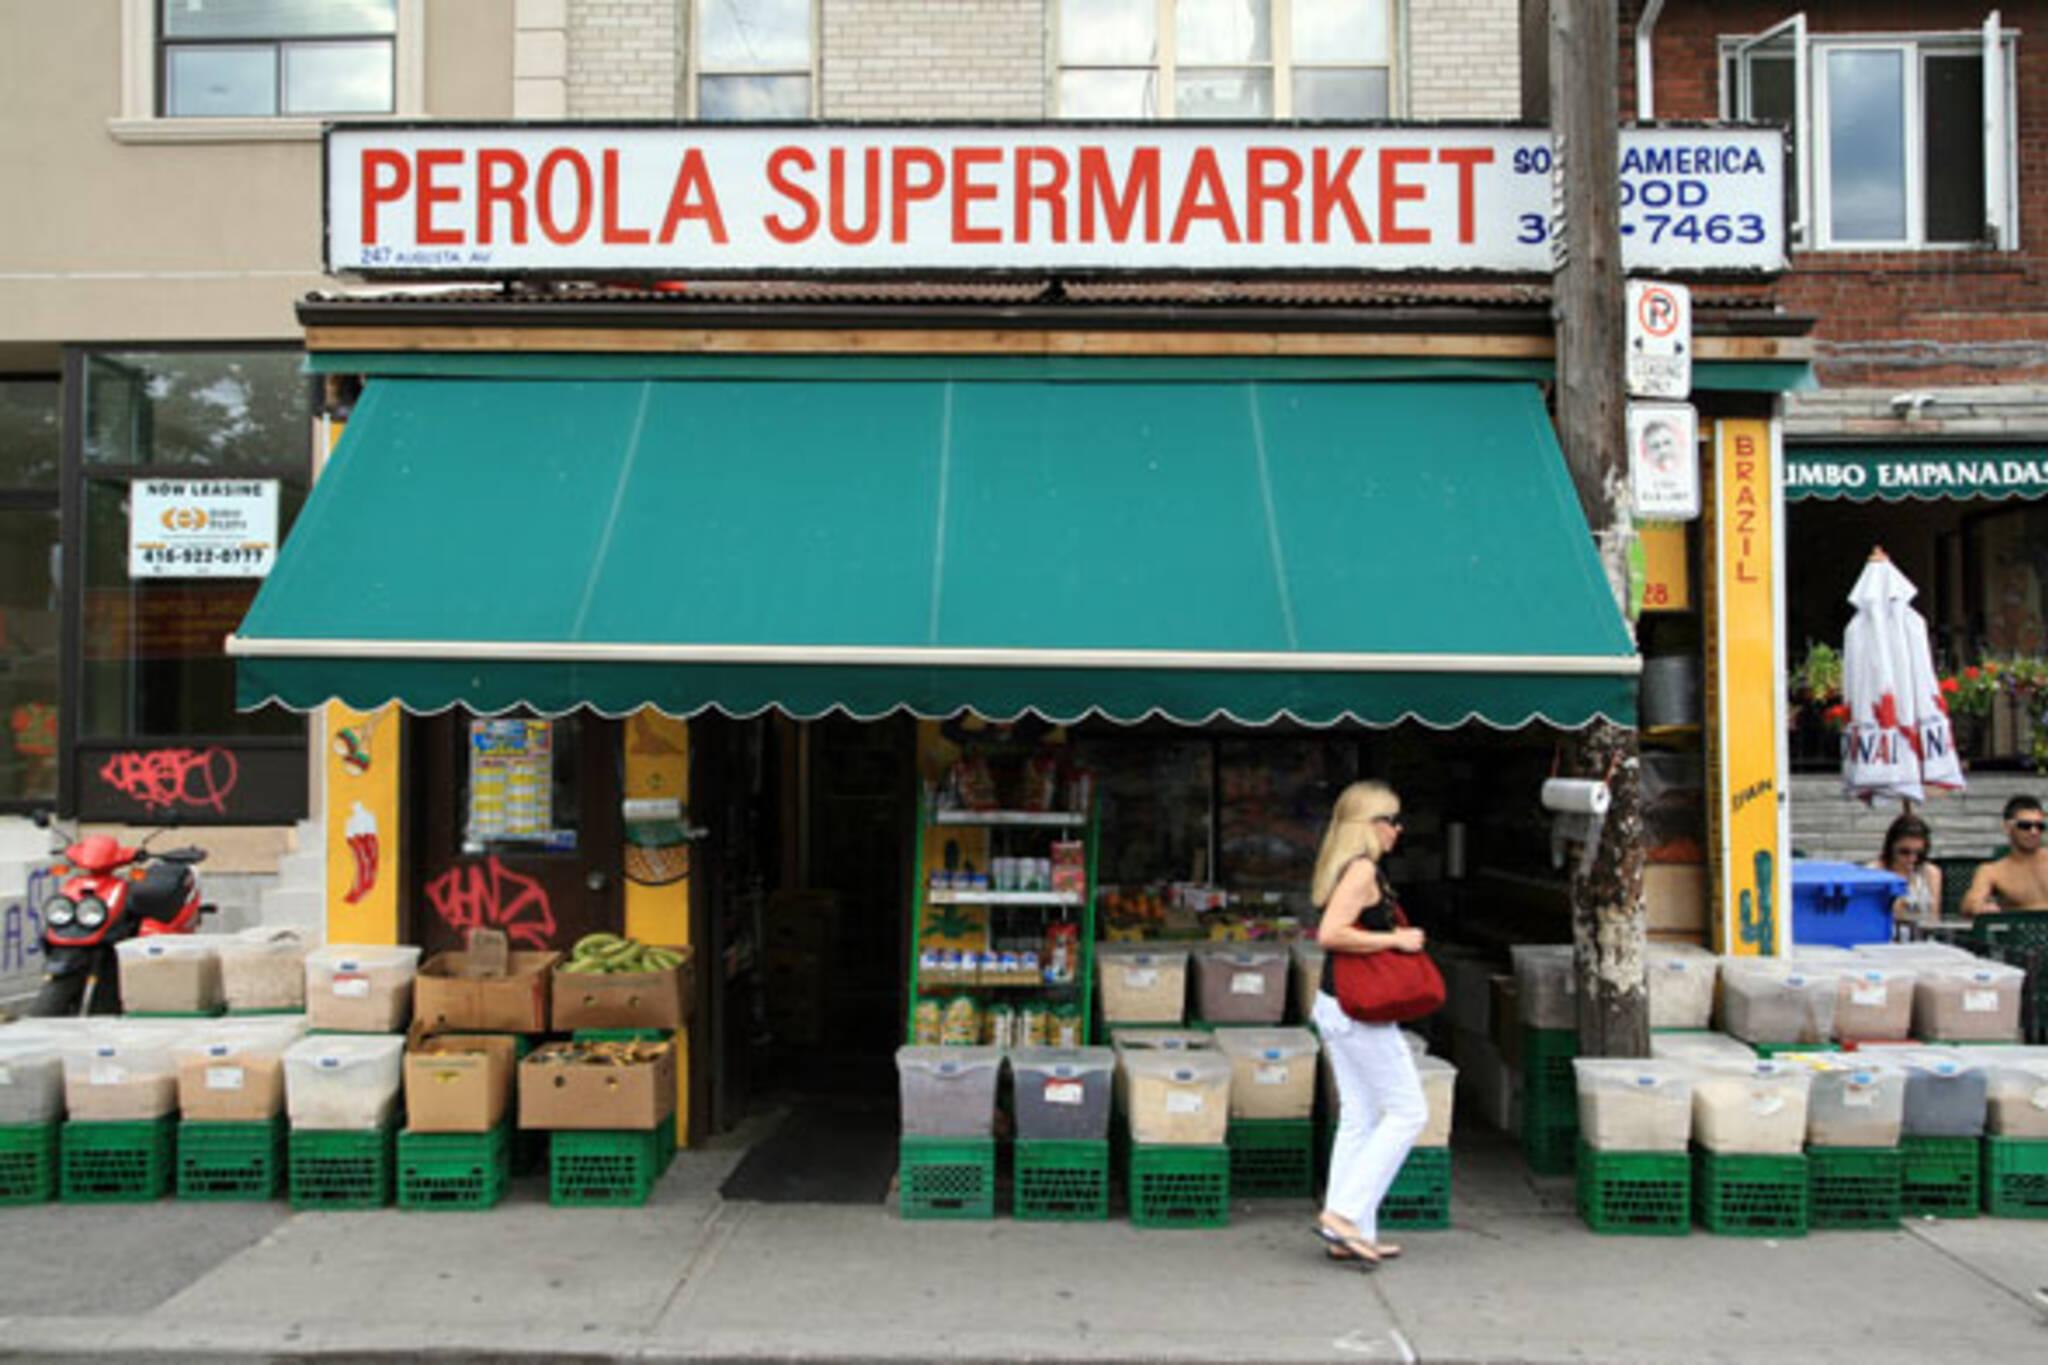 Perola Supermarket